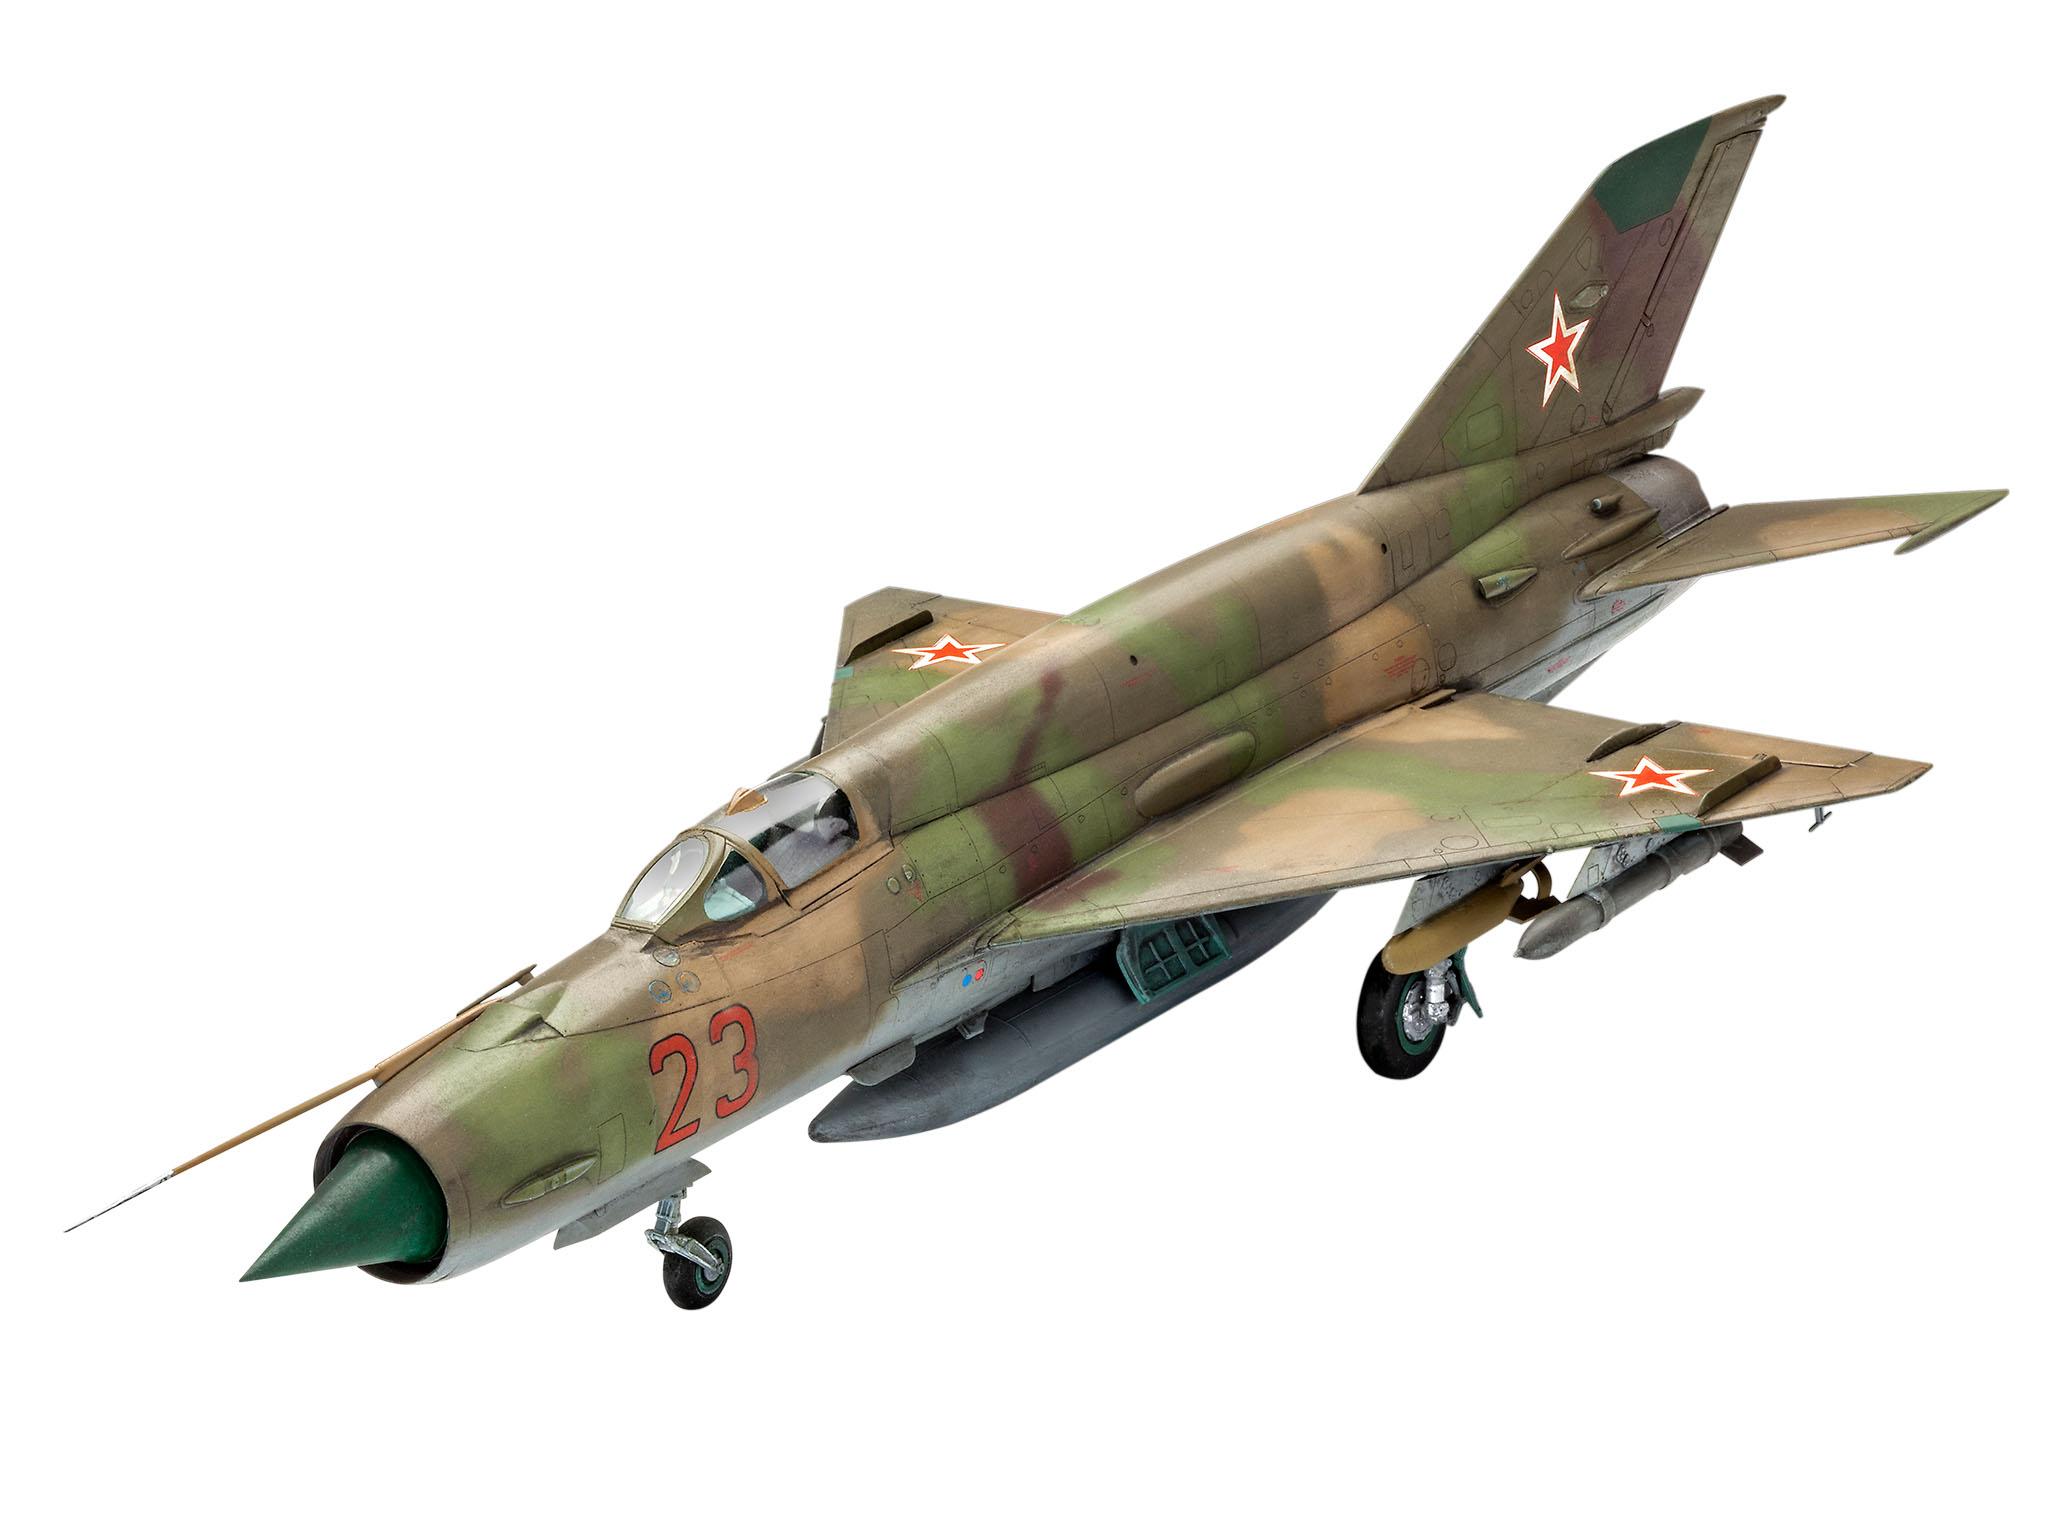 インドパキスタン戦争、インドのMig-21がロシア製R-73ミサイルでパキスタンのF-16を撃墜した事が判明